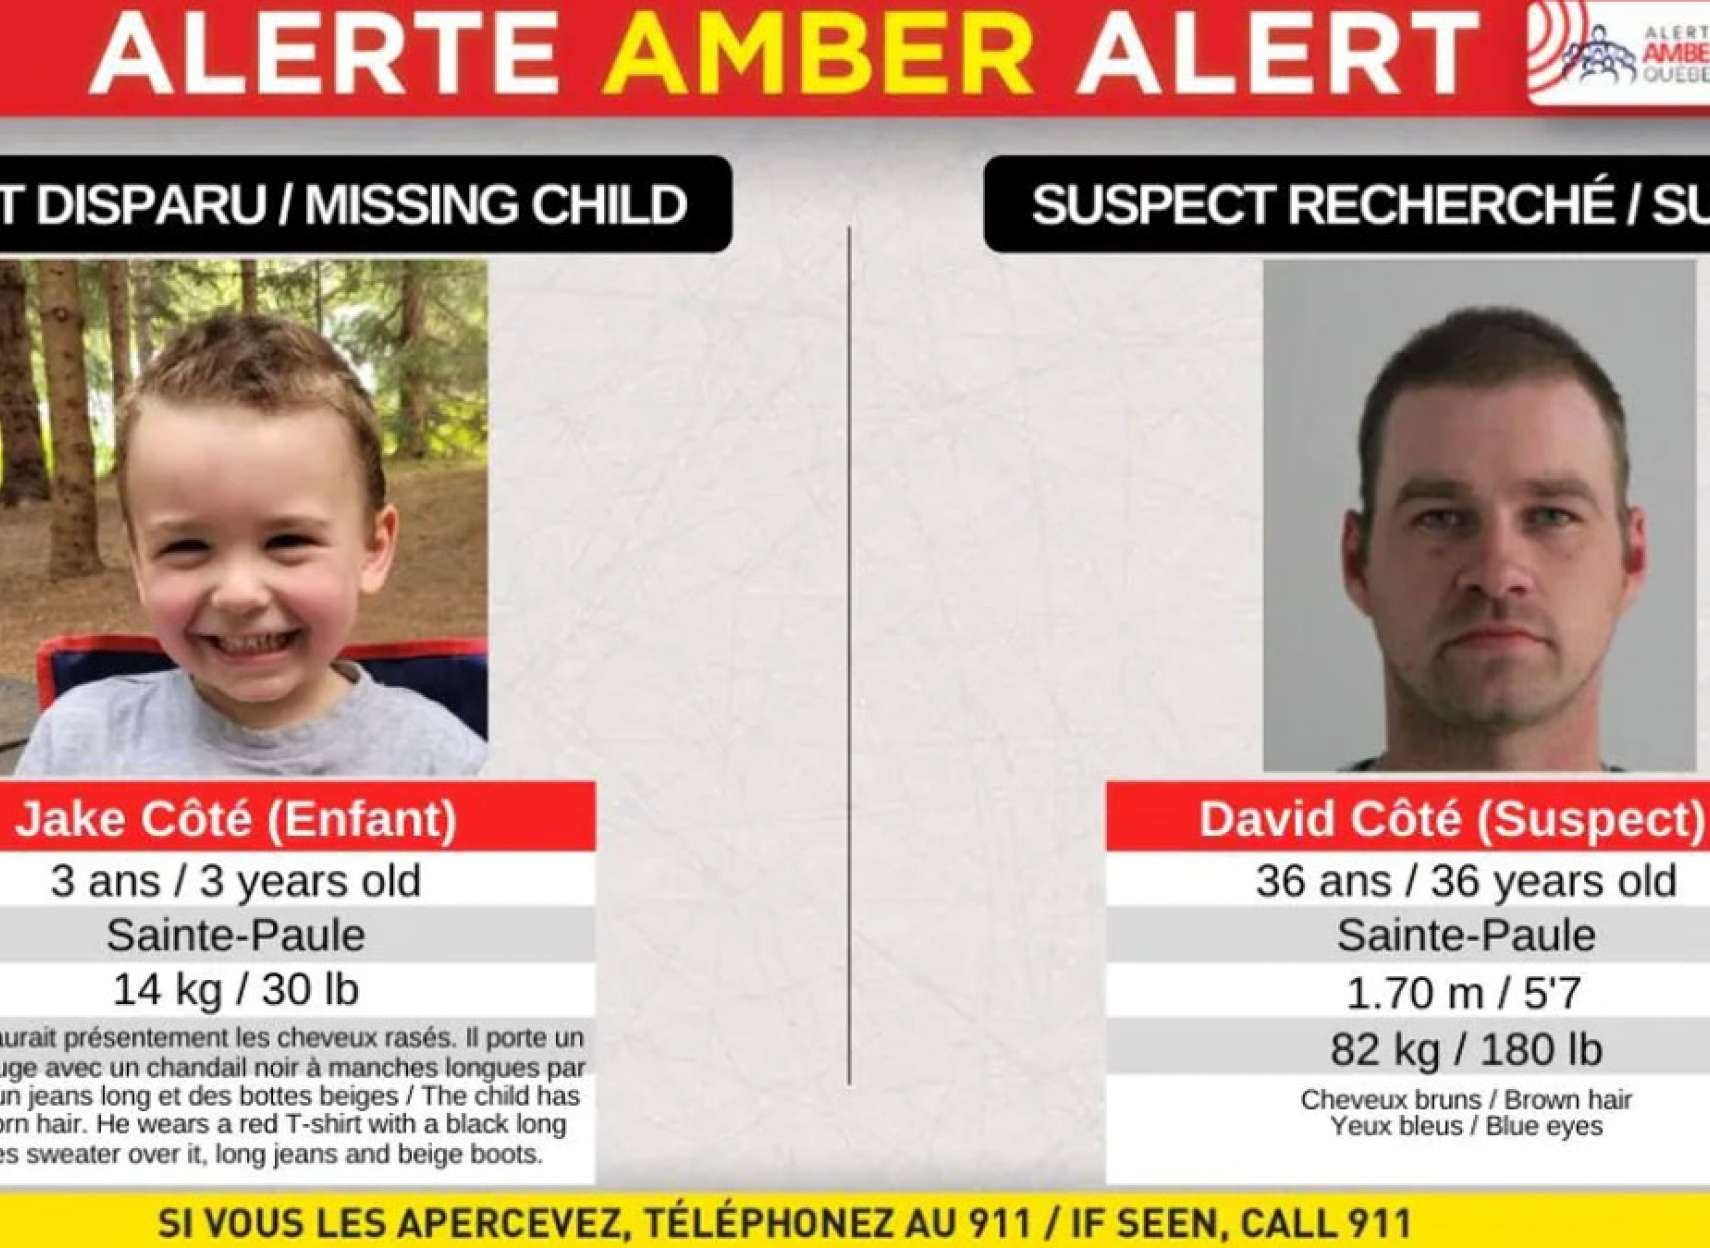 خبر-کانادا-ماجرای-پدری-که-پسرش-را-در-مونترال-دزدیده-وارد-روز-چهارم-شد-و-پلیس-آثاری-را-کشف-کرد